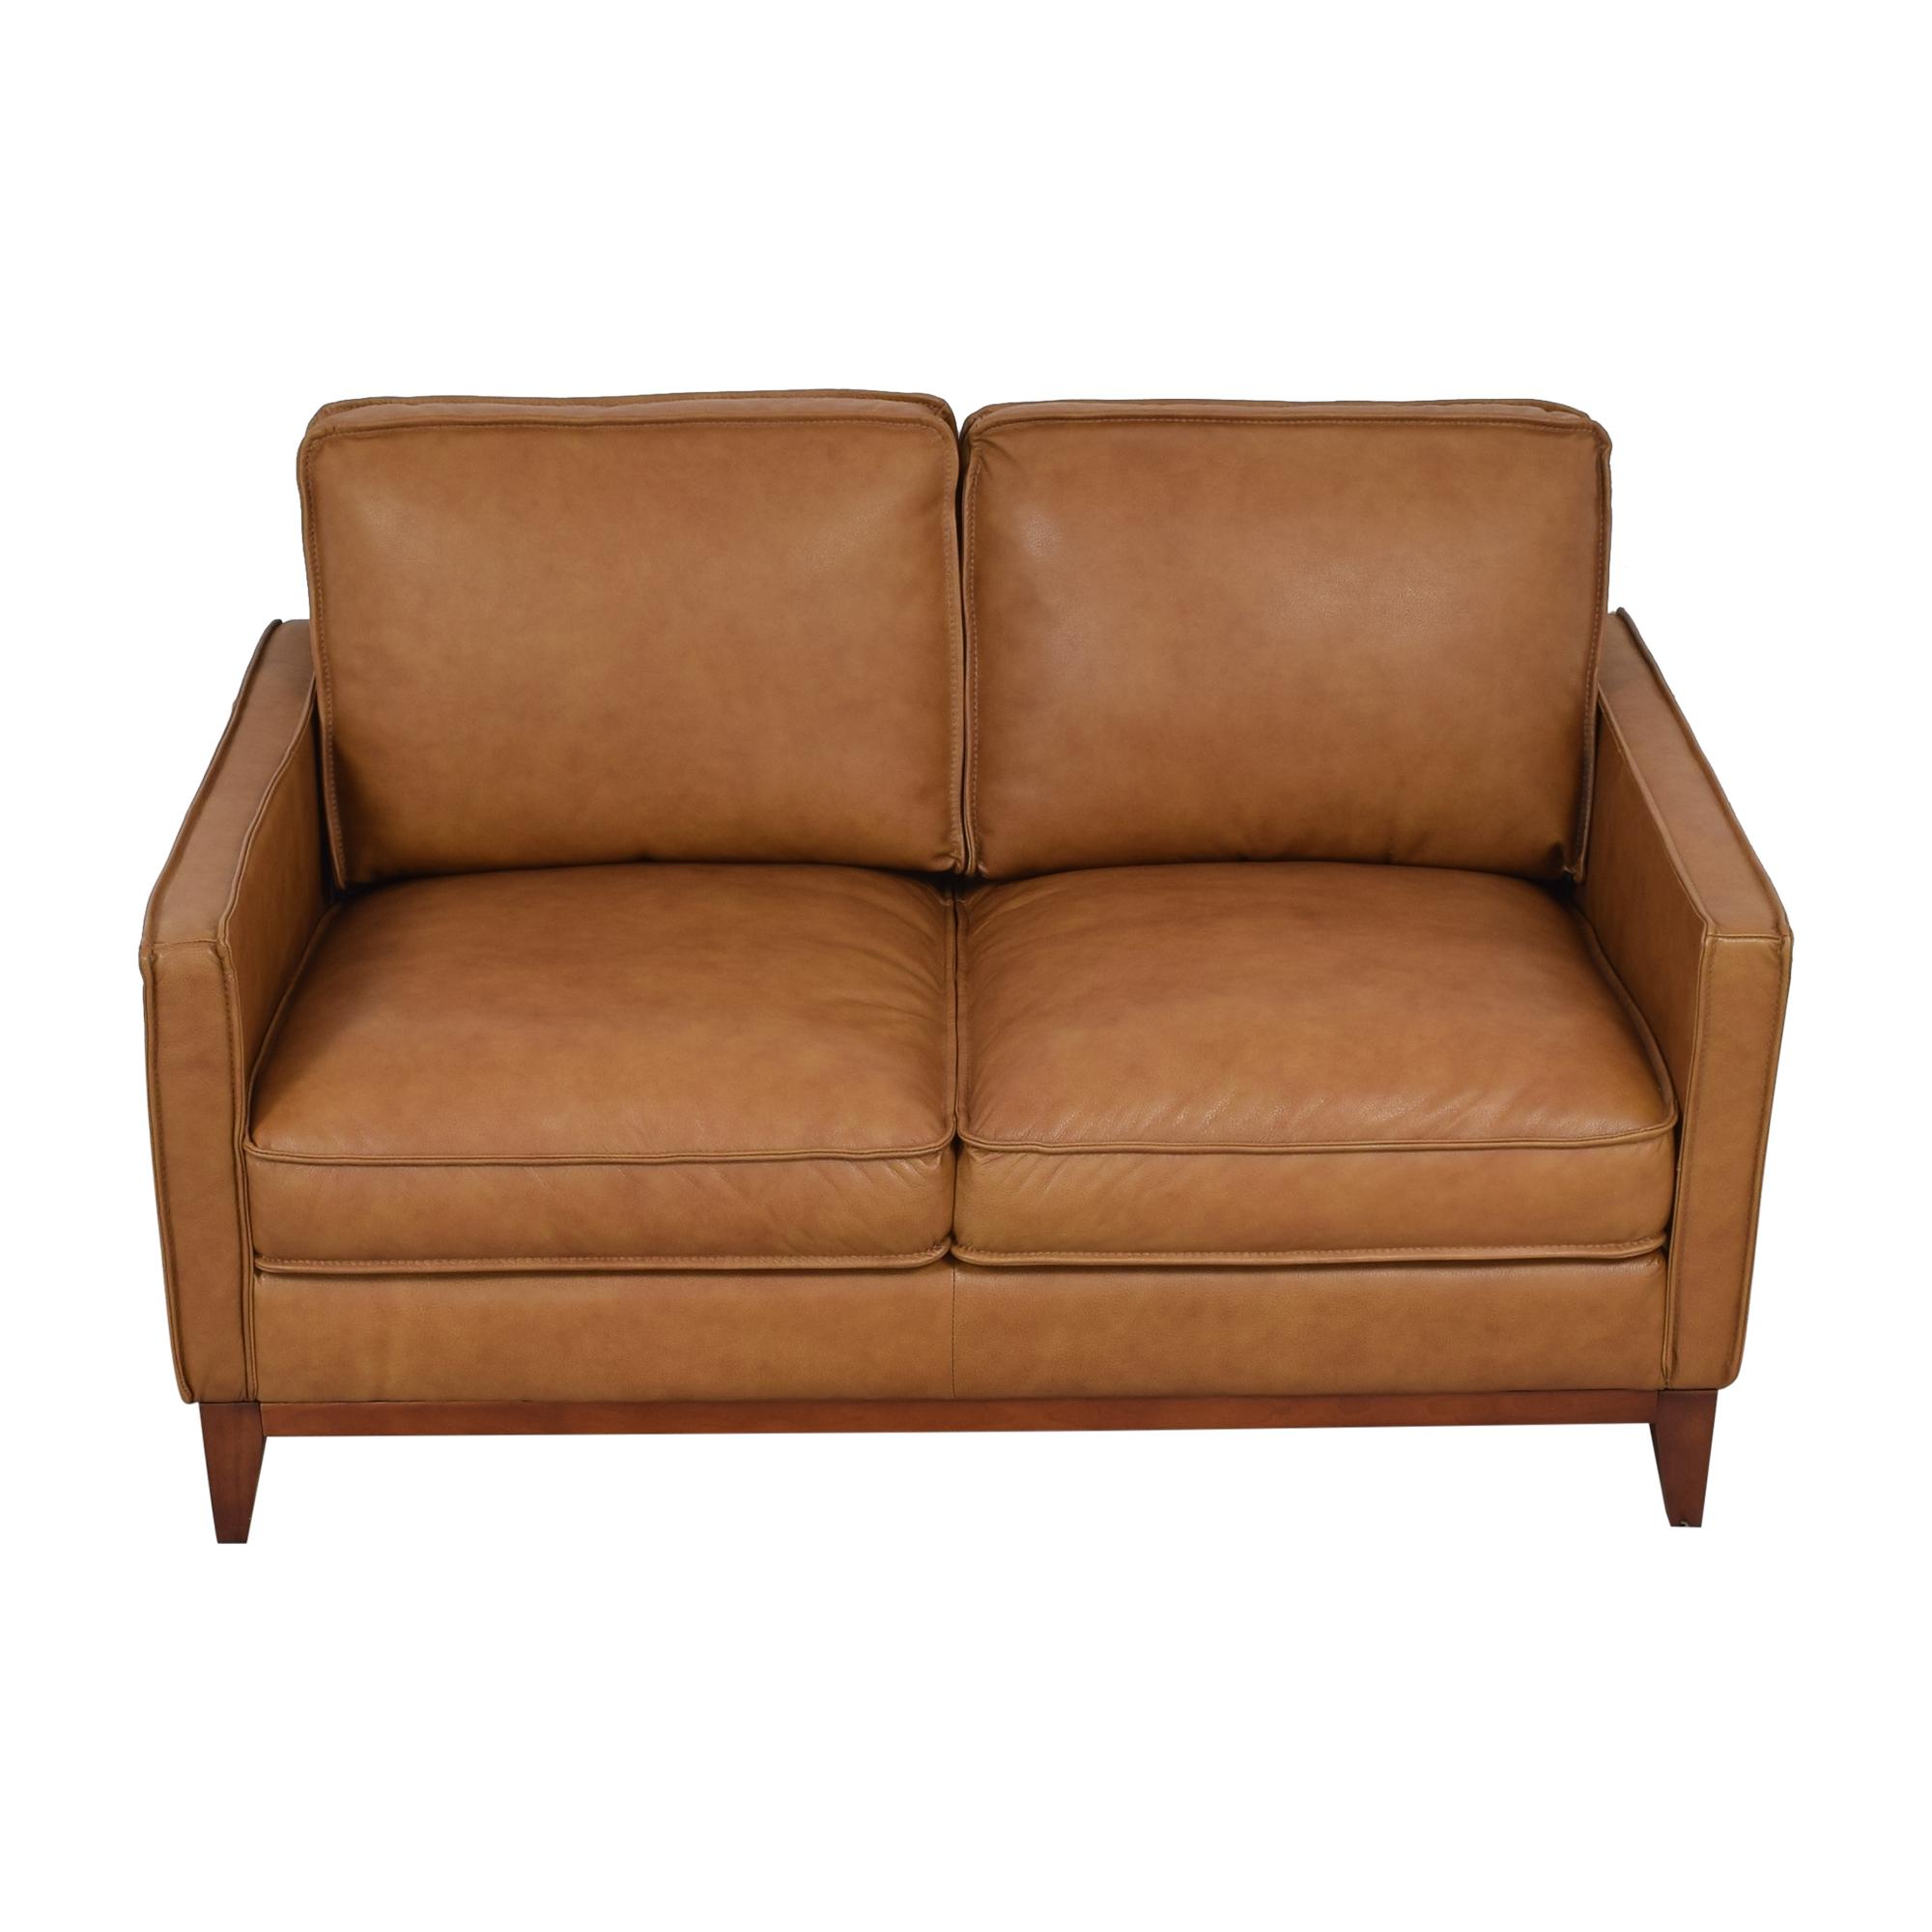 Leather Italia Newport Loveseat sale